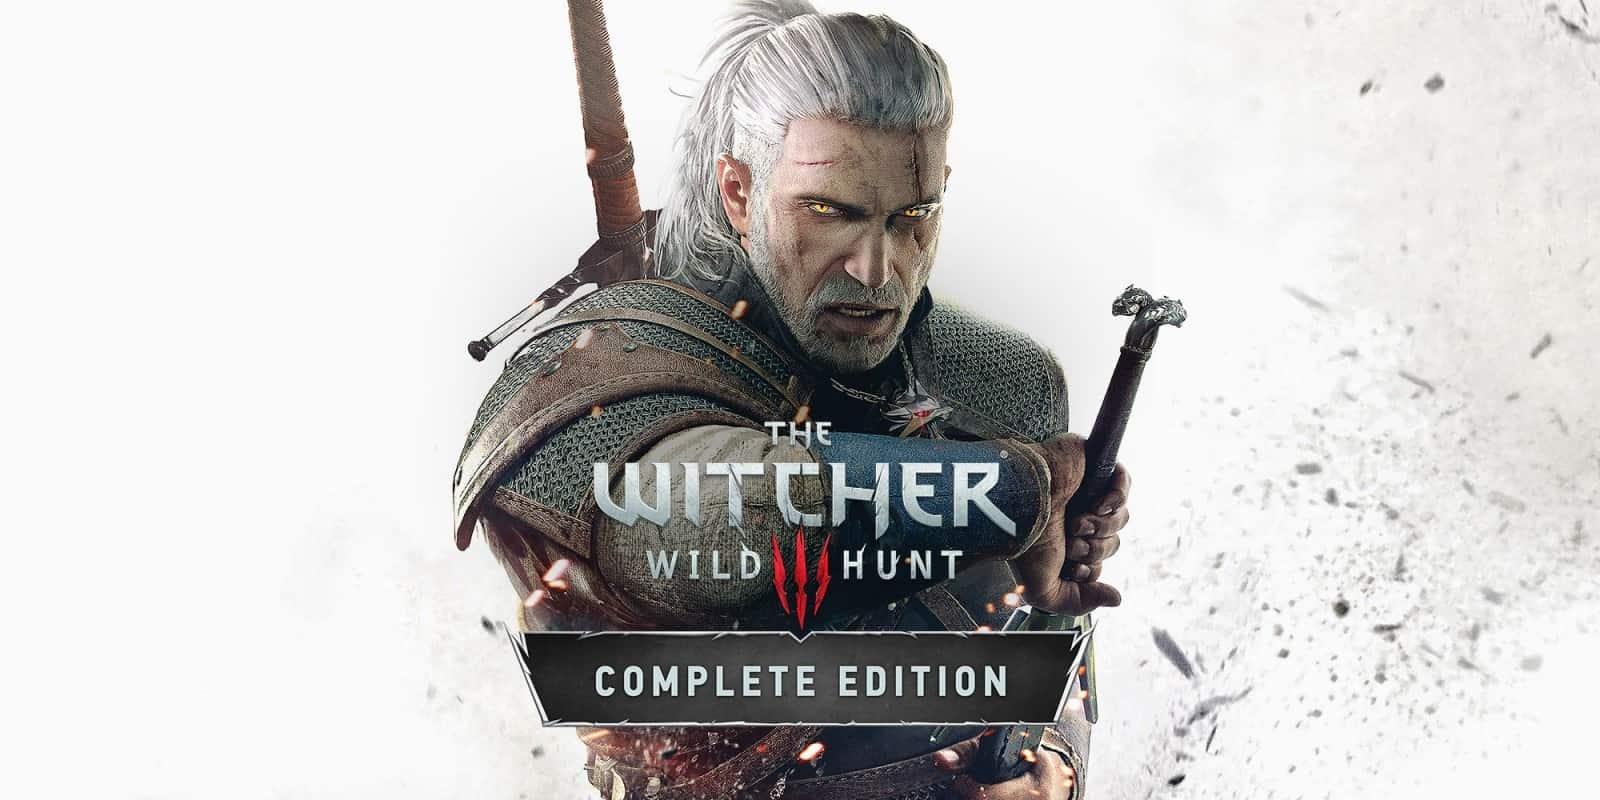 The Witcher 3 Wild Hunt netflix Free Games GOG Galaxy